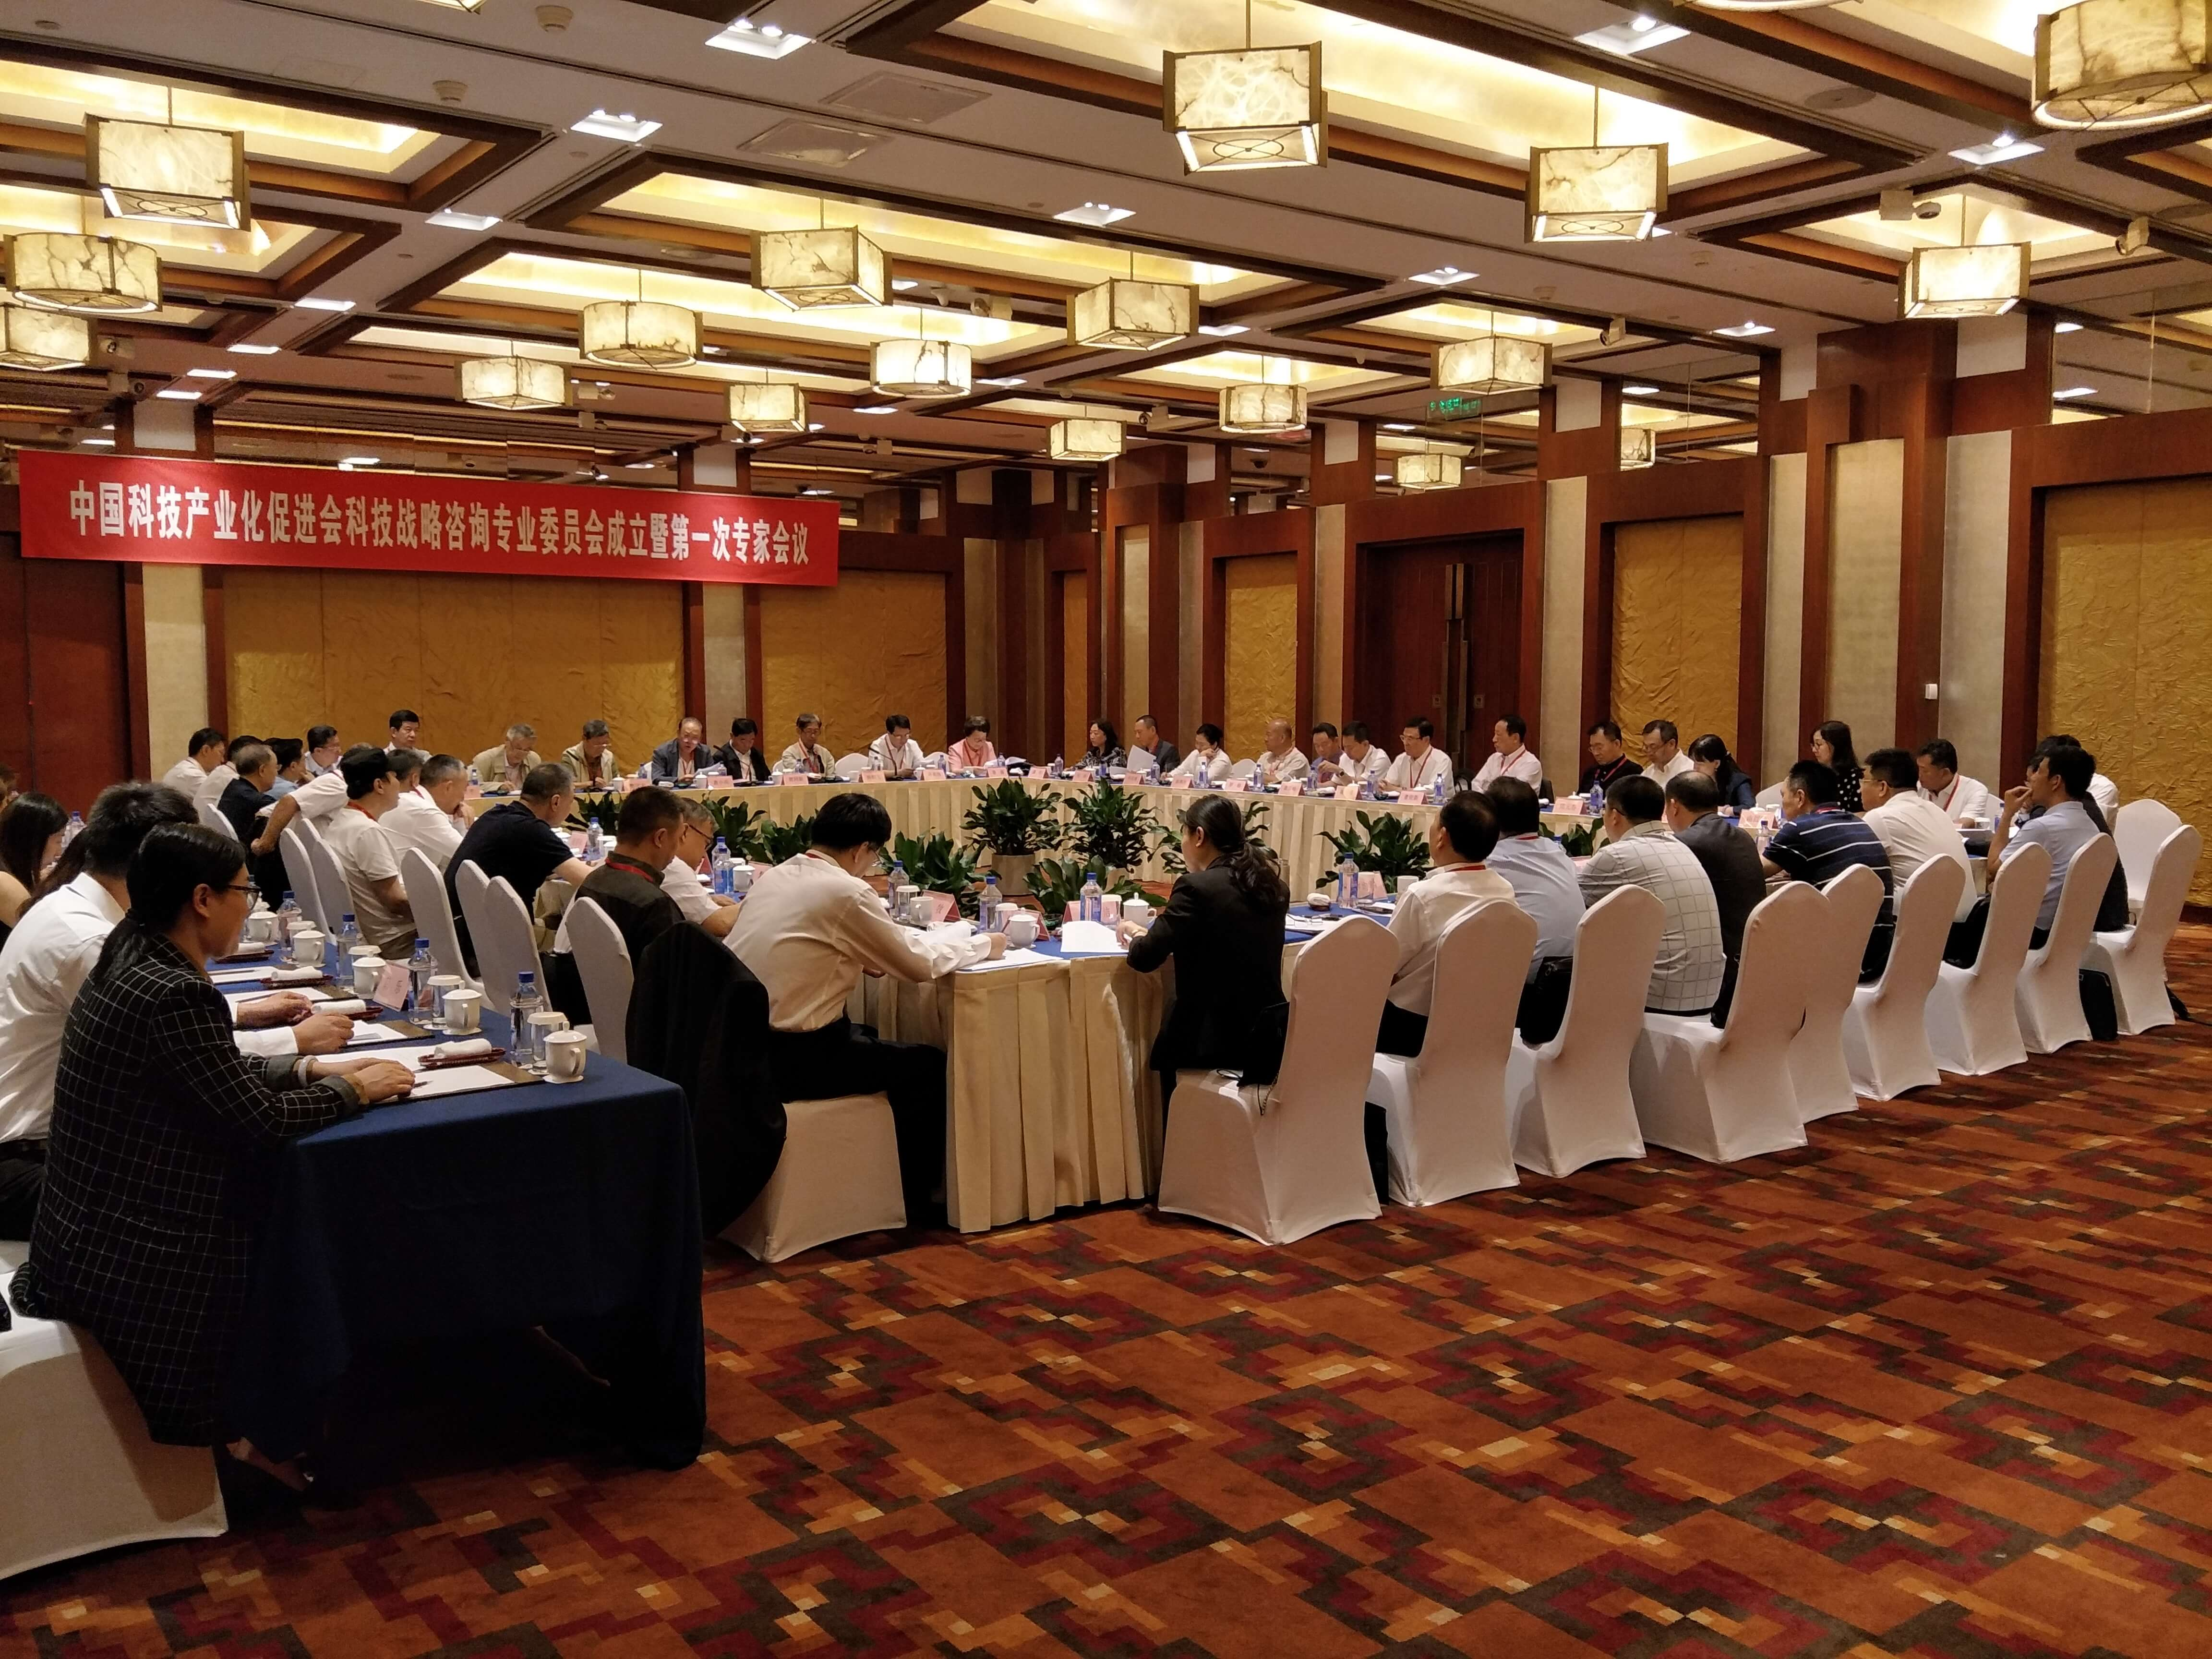 2018年9月15日中国科技产业化促进会科技战略咨询工作委员会成立大会